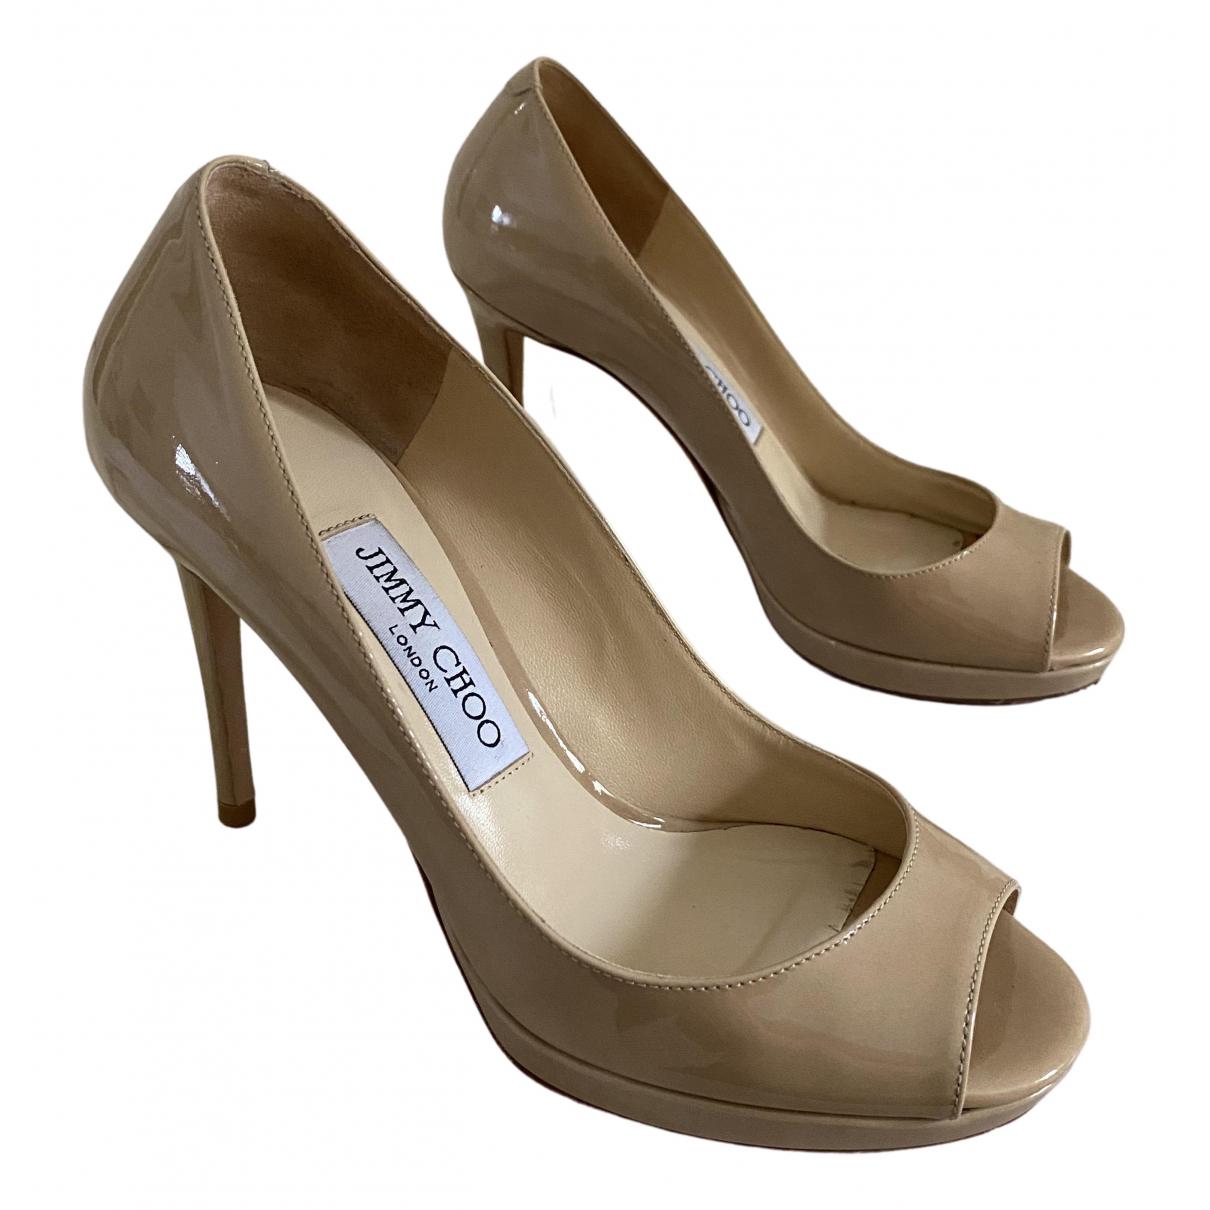 Jimmy Choo N Beige Patent leather Heels for Women 36 EU